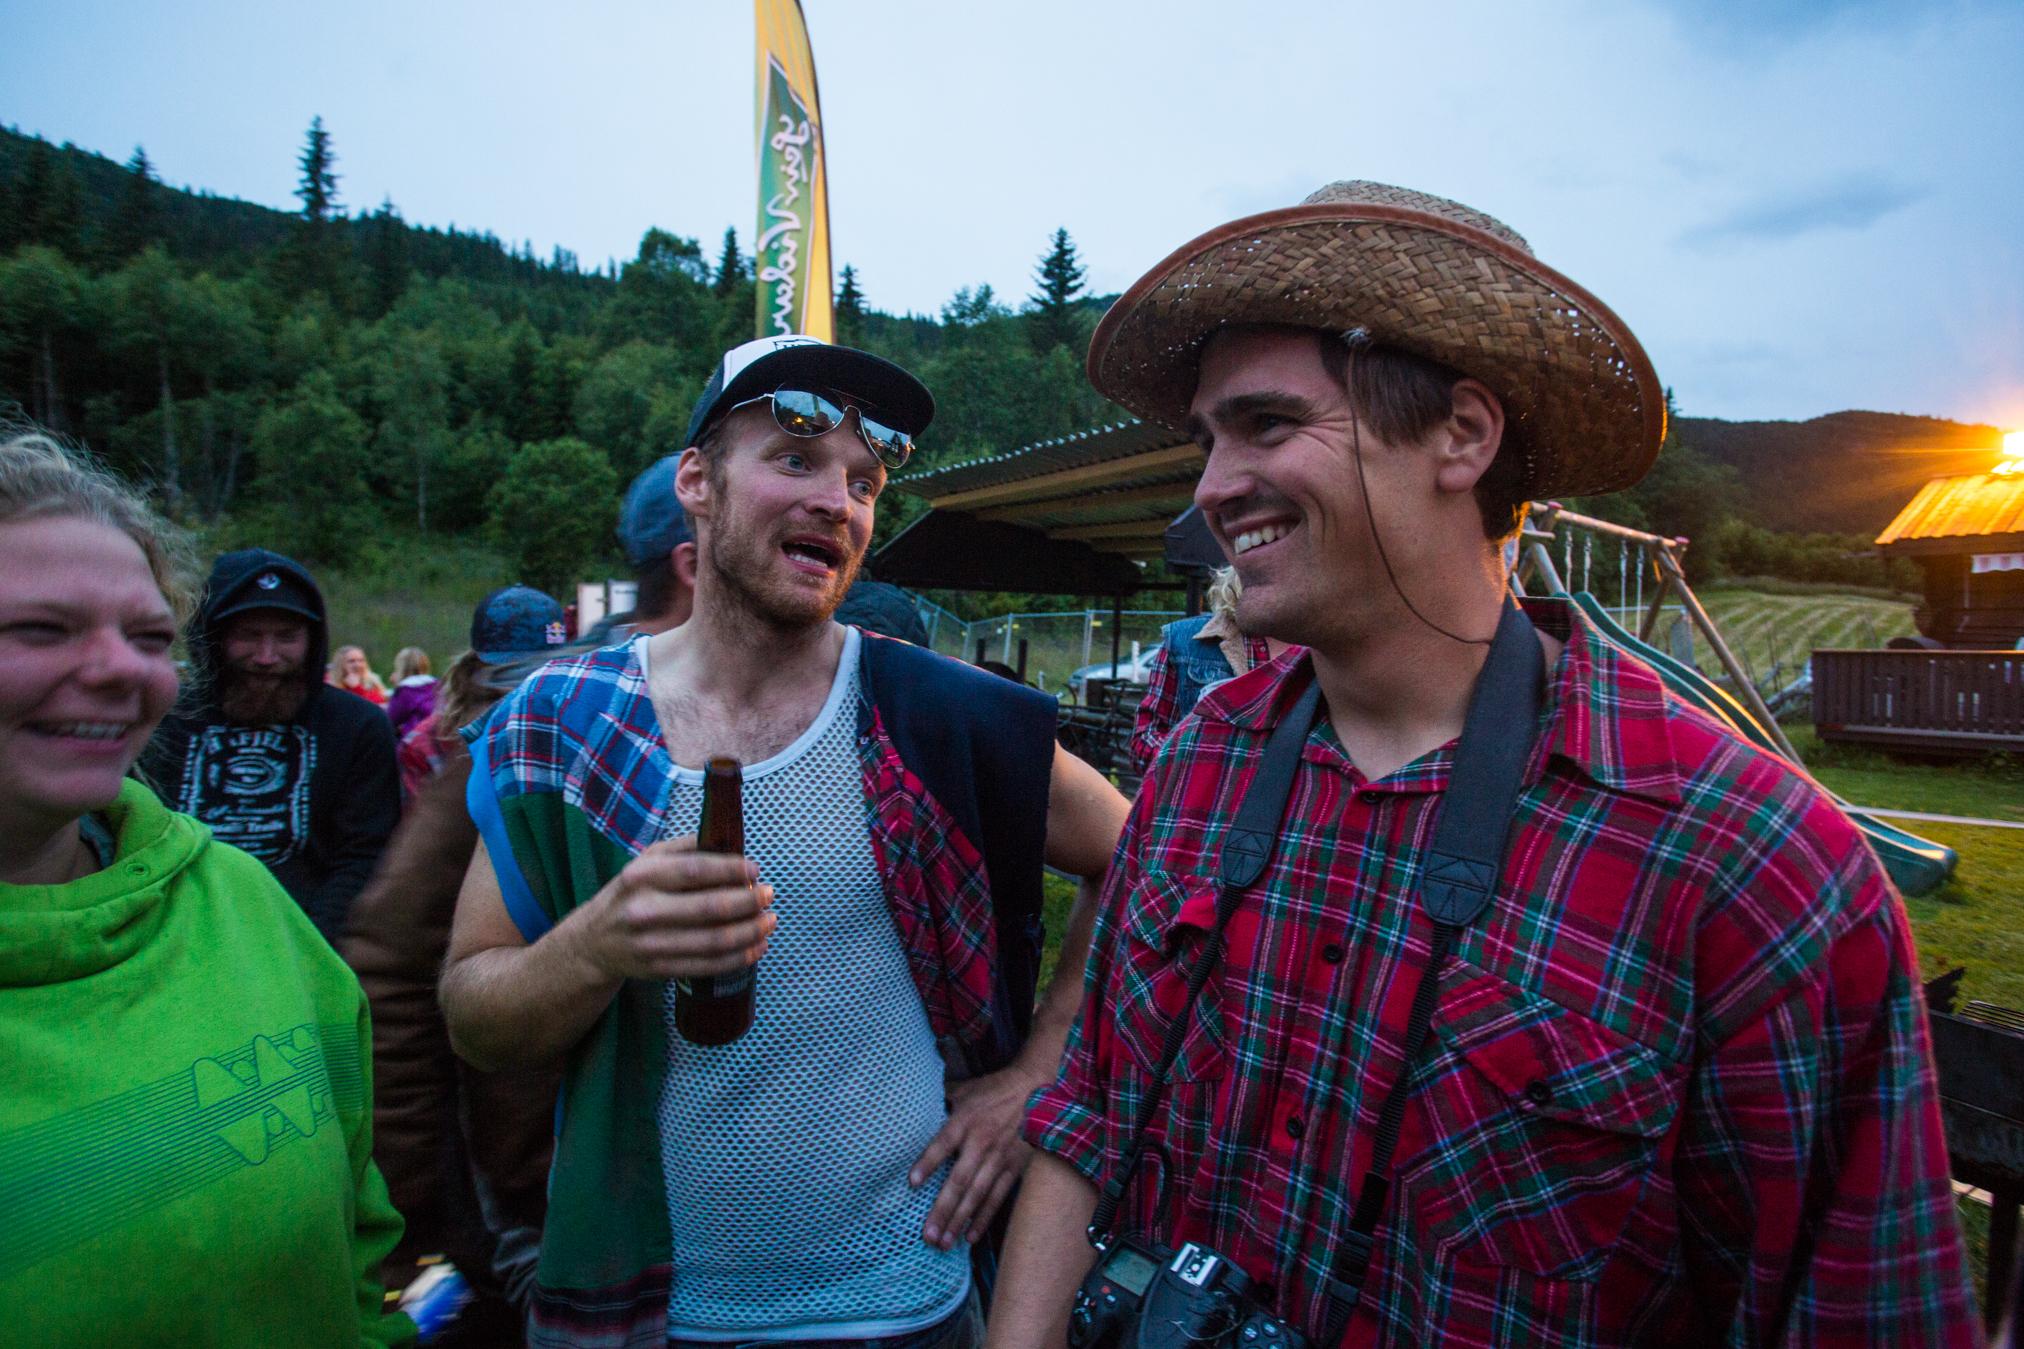 250715_fausko_ål_hilbillyhuckfest_festseries_jamsession_låvefest-61.jpg